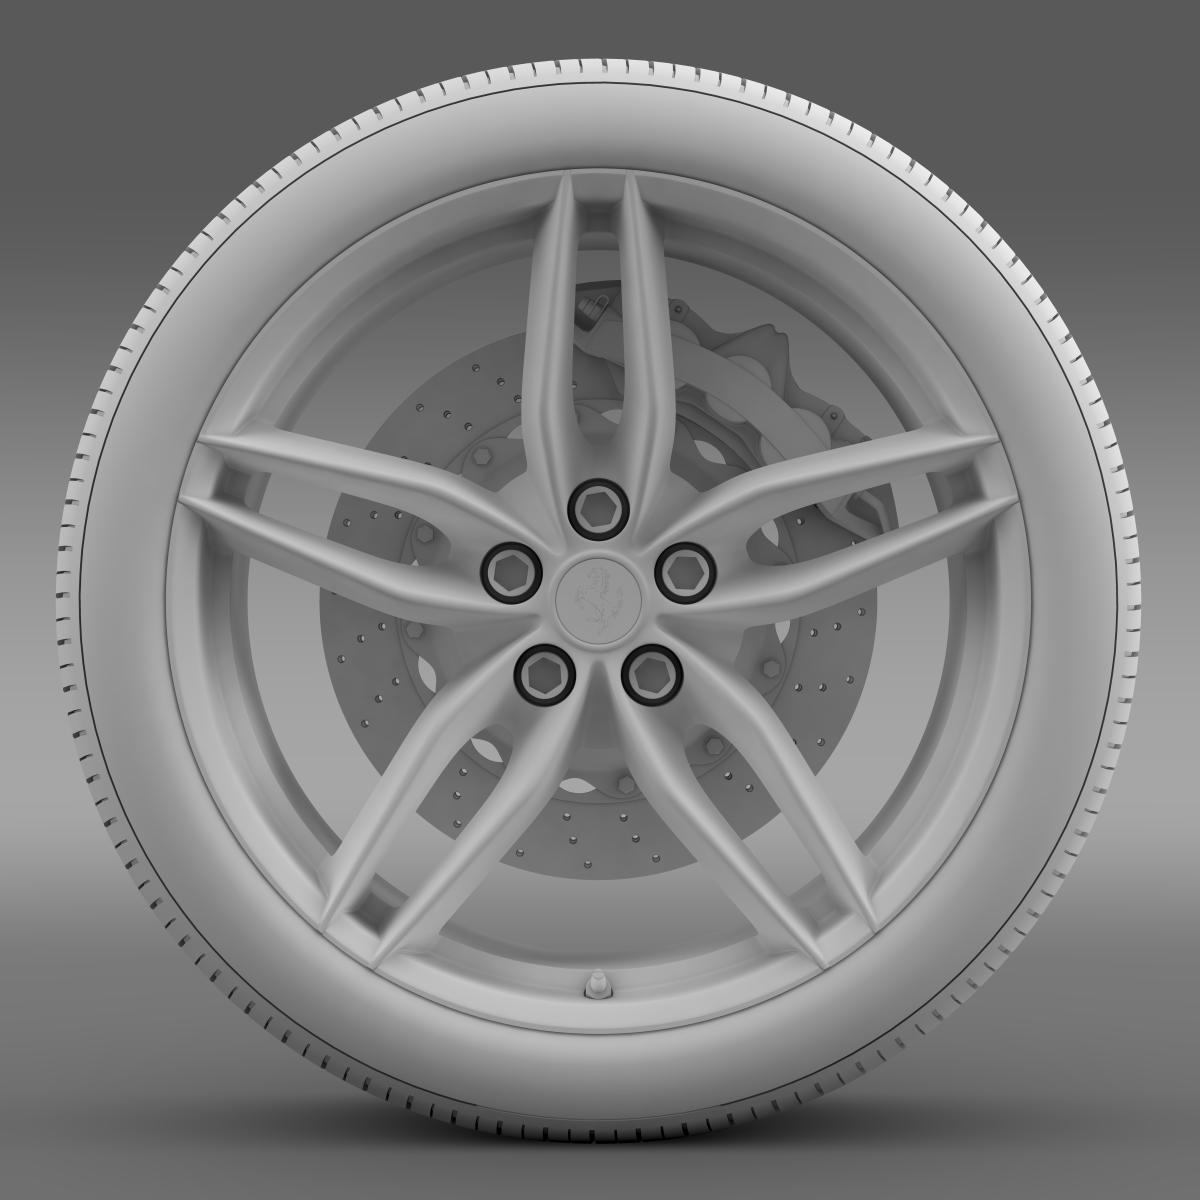 ferrari 488 gtb 2015 wheel 3d model 3ds max fbx c4d lwo ma mb hrc xsi obj 210689